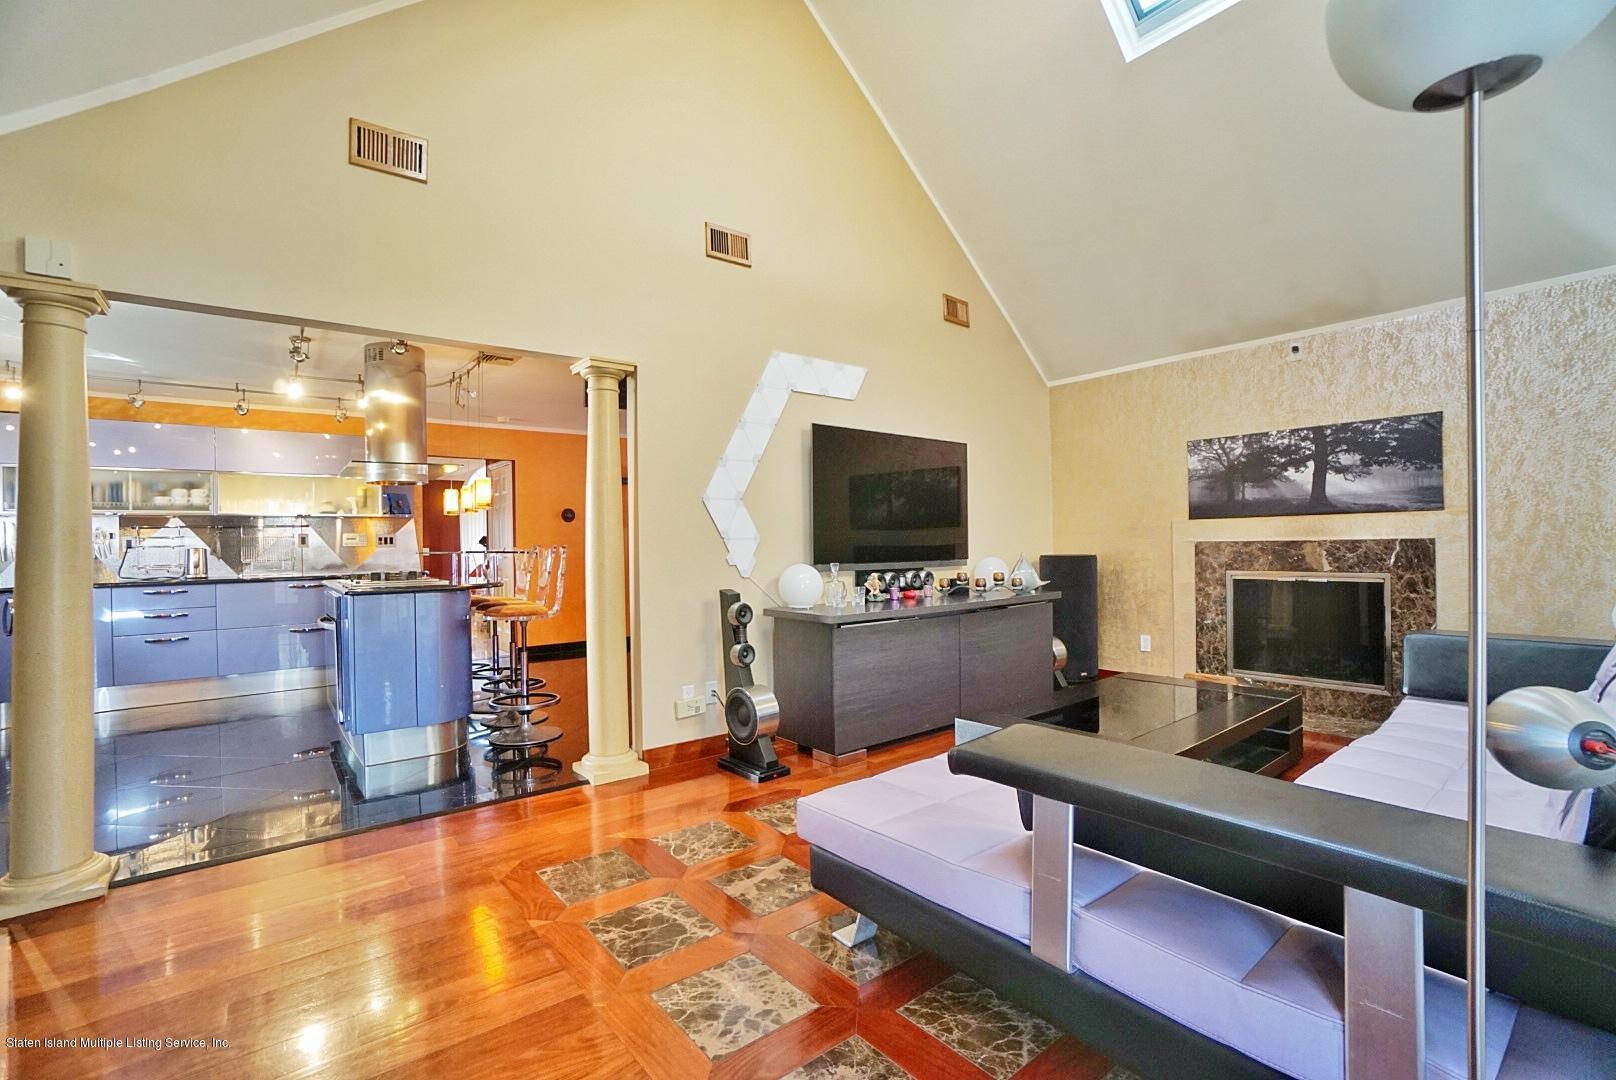 Single Family - Detached 329 Mcbaine Avenue  Staten Island, NY 10309, MLS-1127552-16